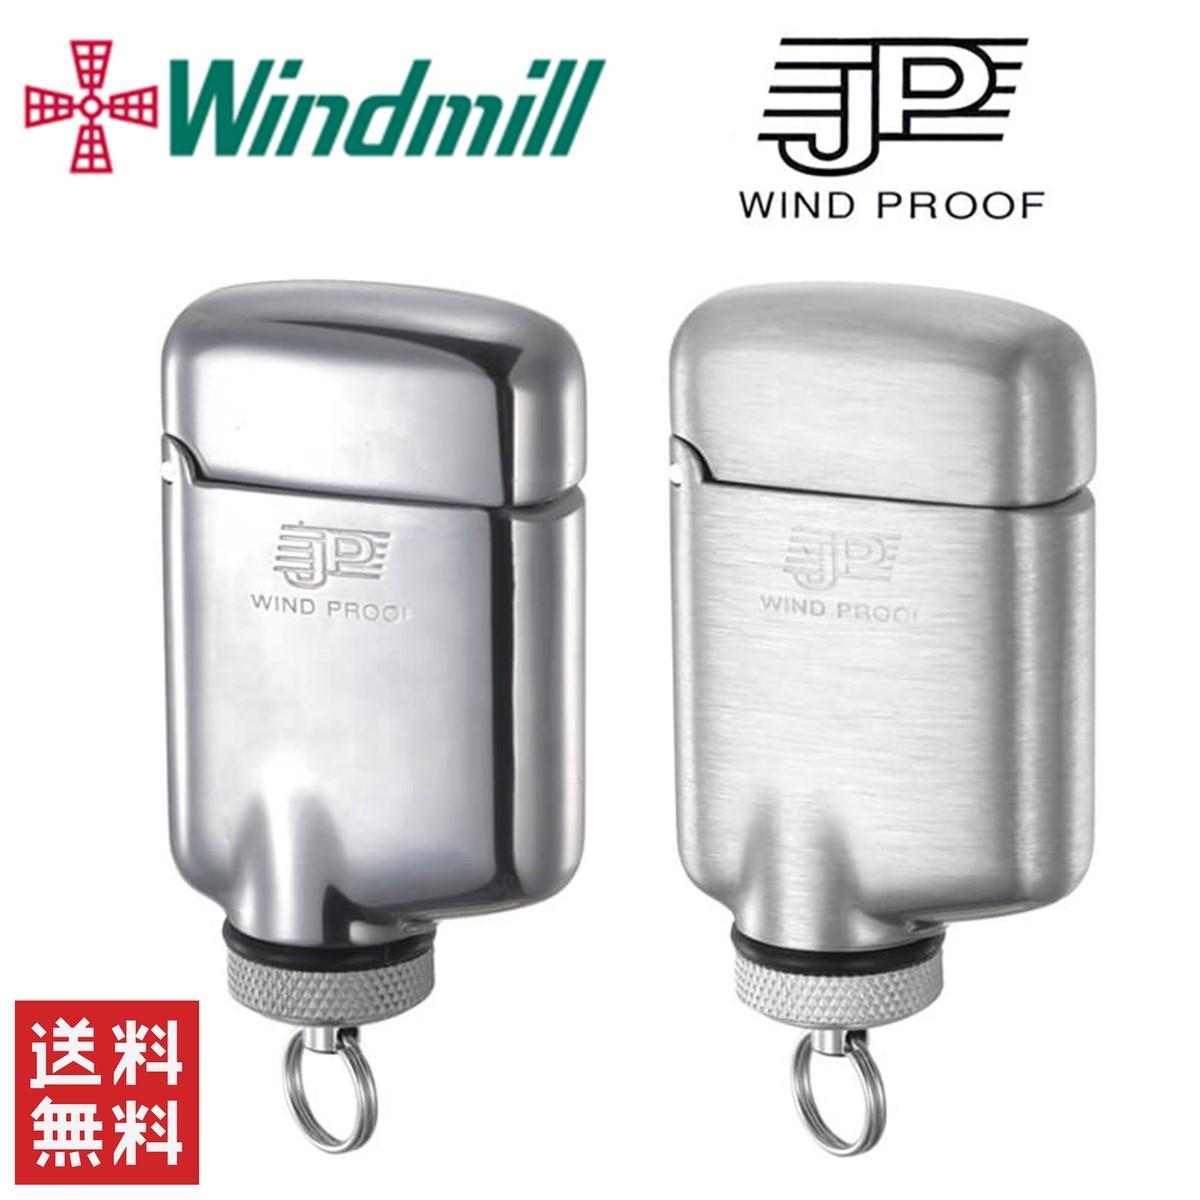 メーカー公式 送料無料 WINDMILL ウインドミル JPW 全2色 防水 耐風仕様 JPW-0101 シルバー ガスライター 5%OFF JPW-0102 ターボライター 喫煙具 アルサテン